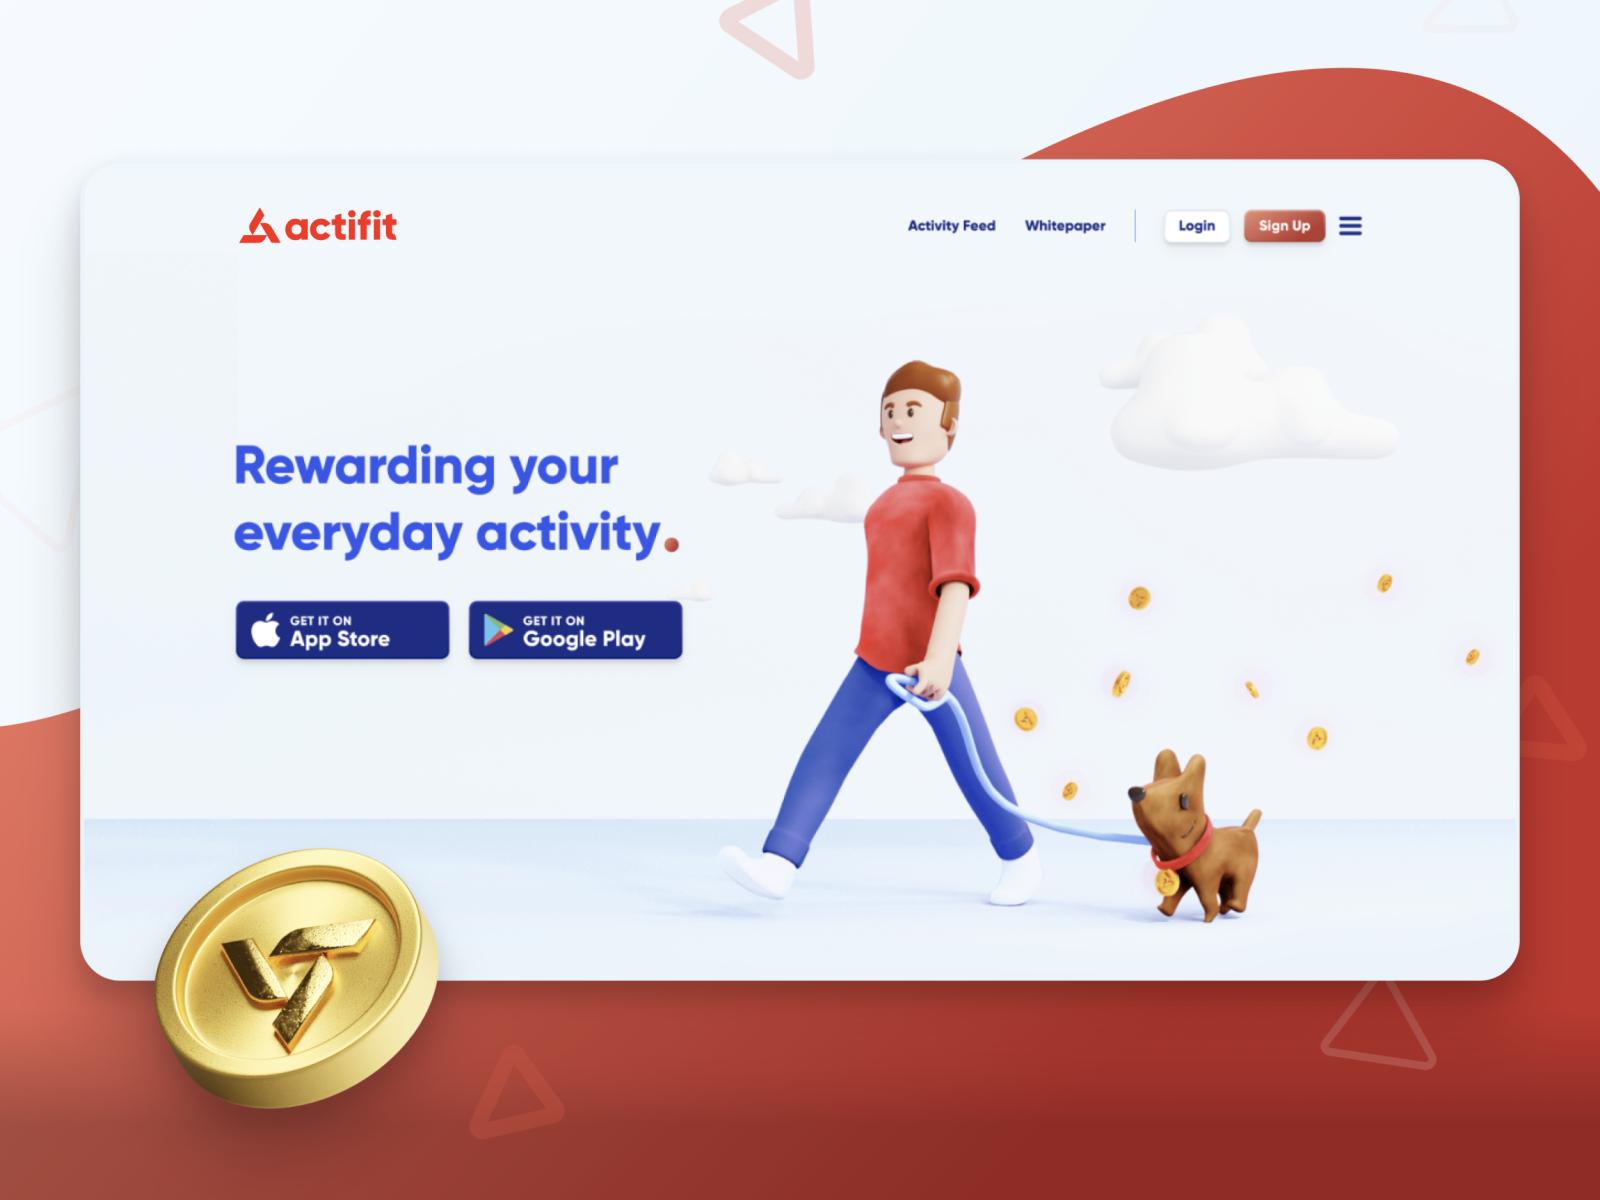 Actifit Landing Page - Brand Revamp